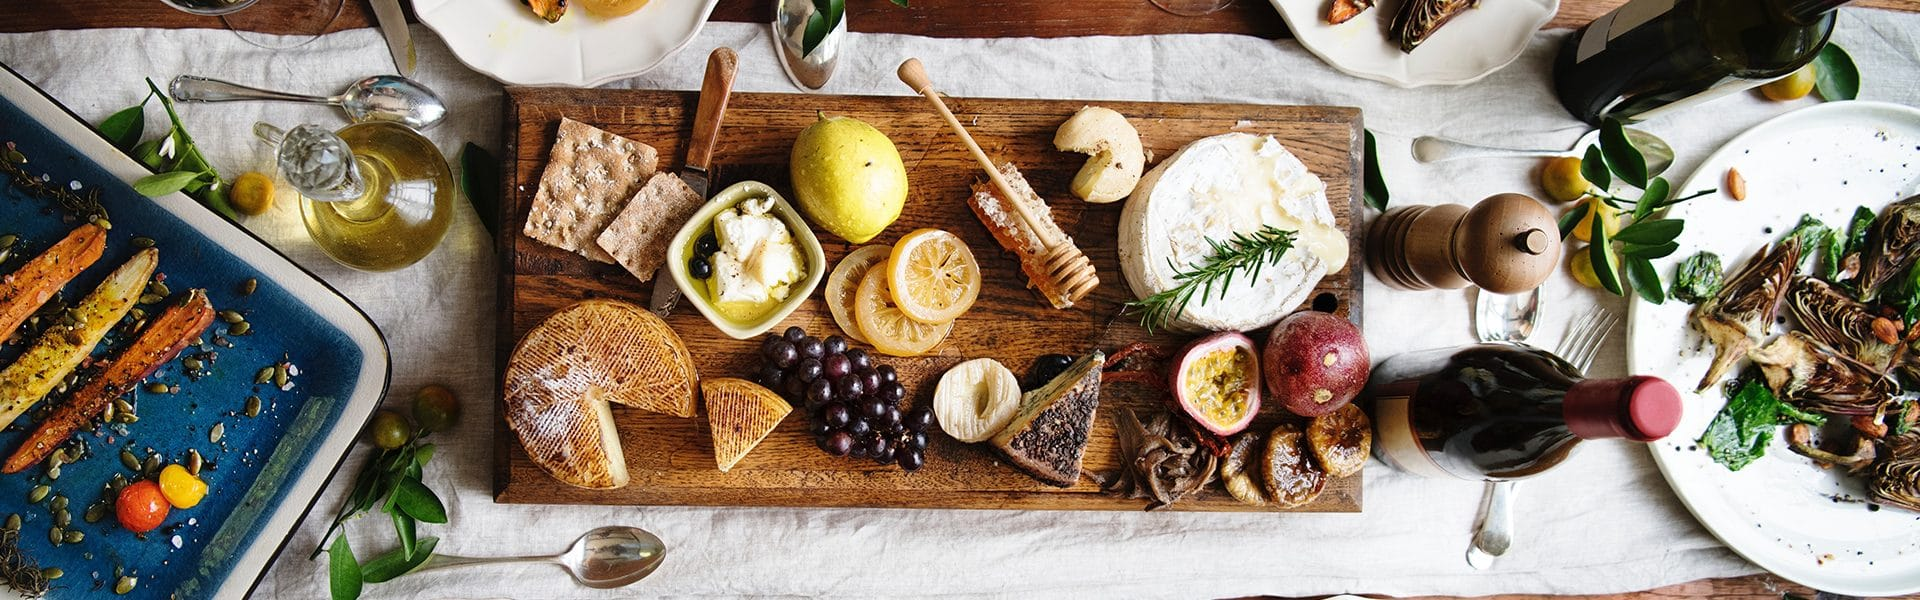 receitas-quentinhas-5-comidas-deliciosas-para-espantar-o-frio-capa